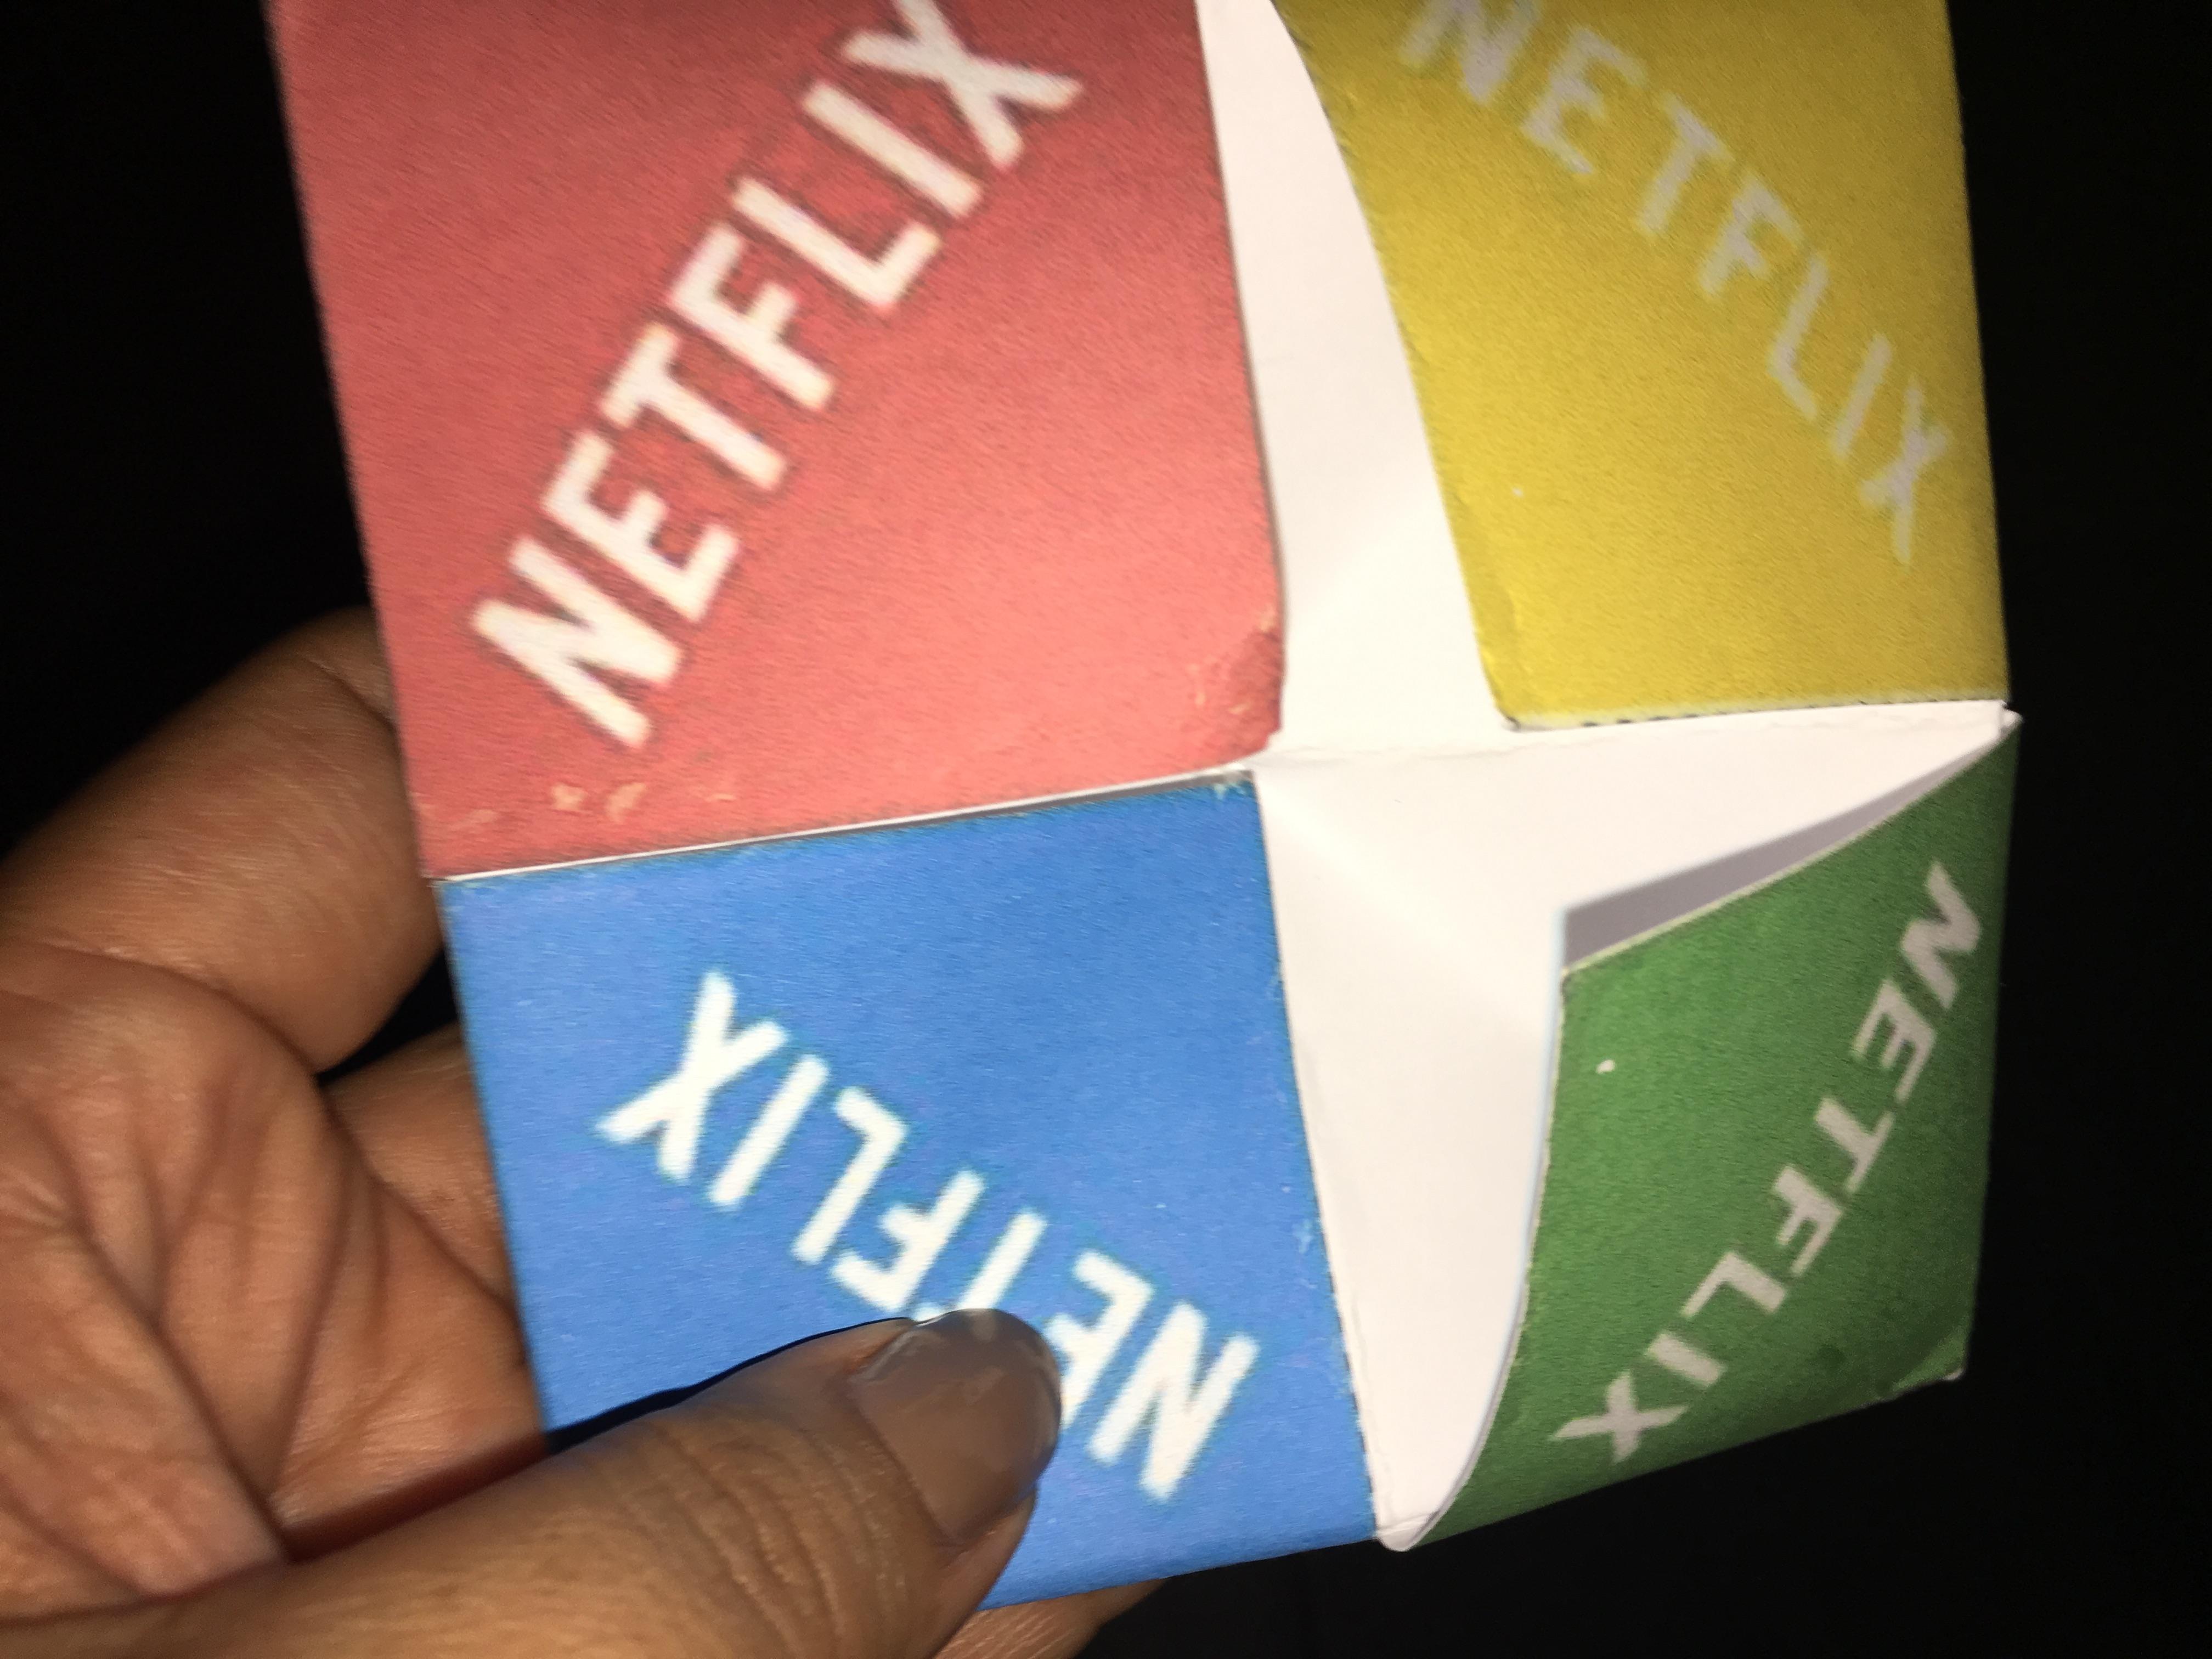 Sacapiojos-Netflix